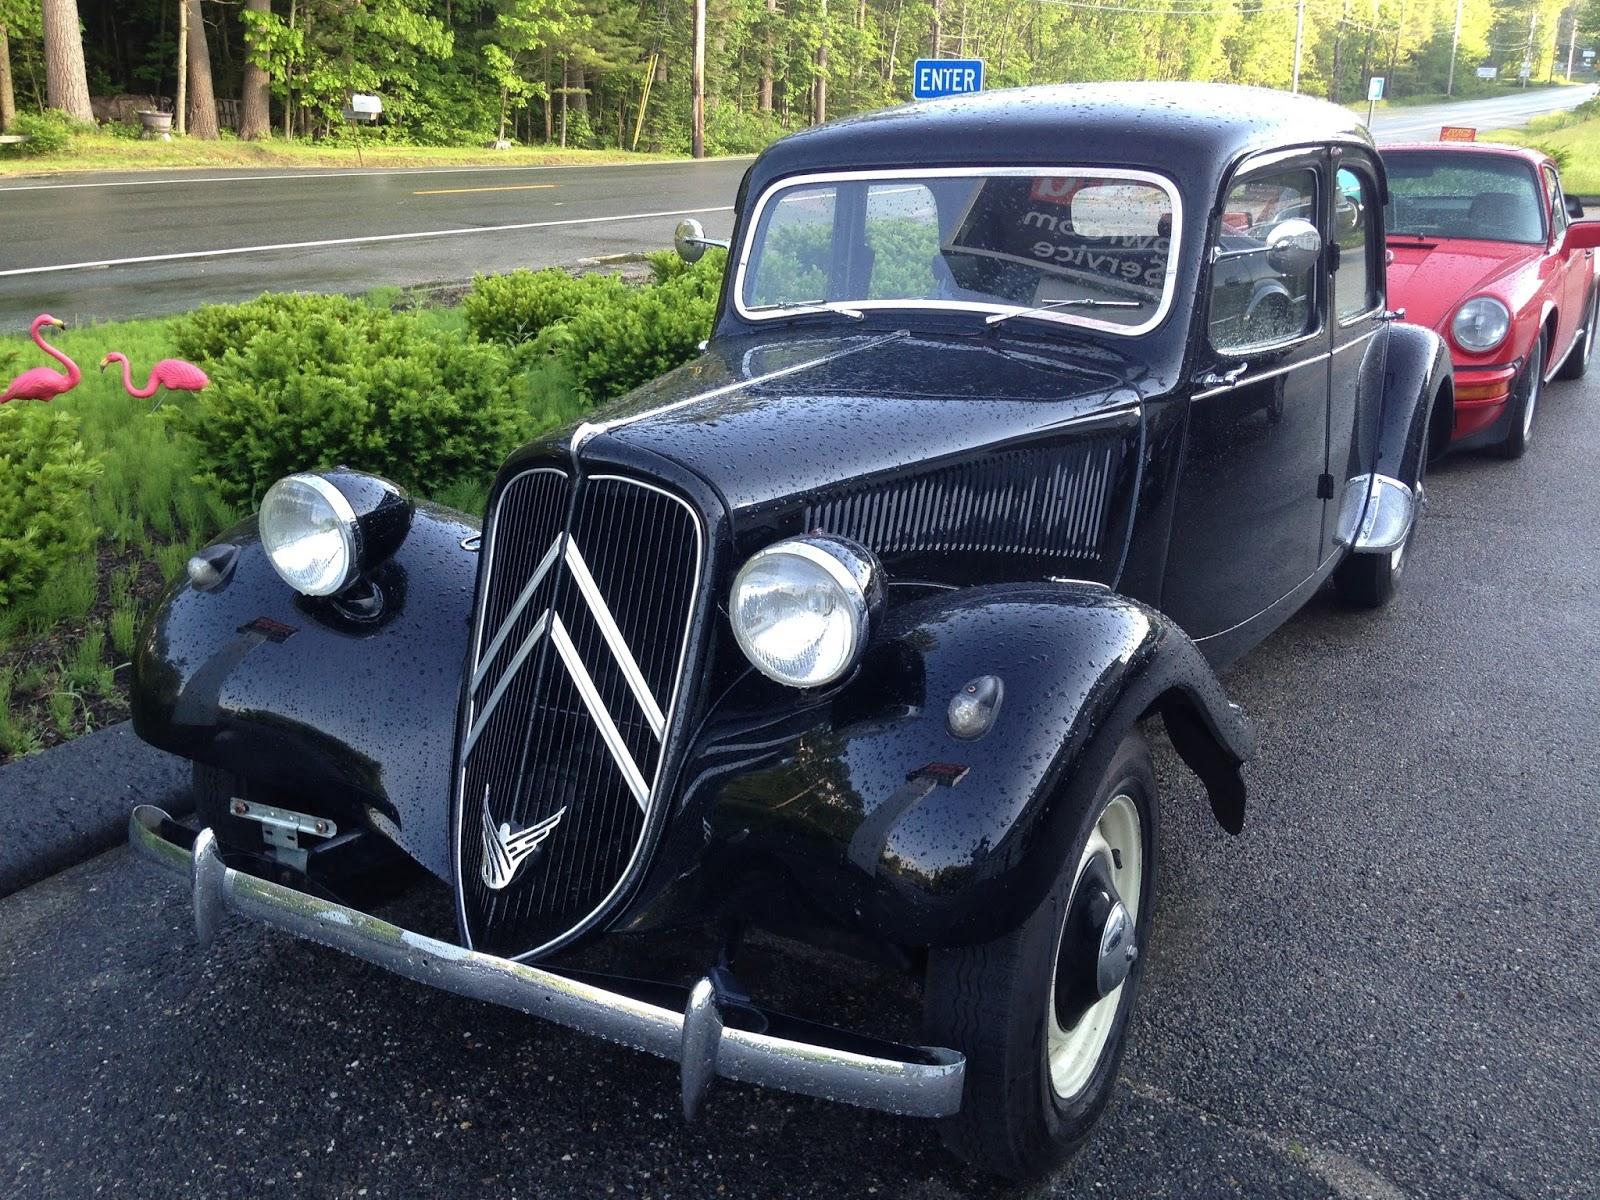 autoliterate 1954 Citro n Traction Avant puis une 1952 Mercedes